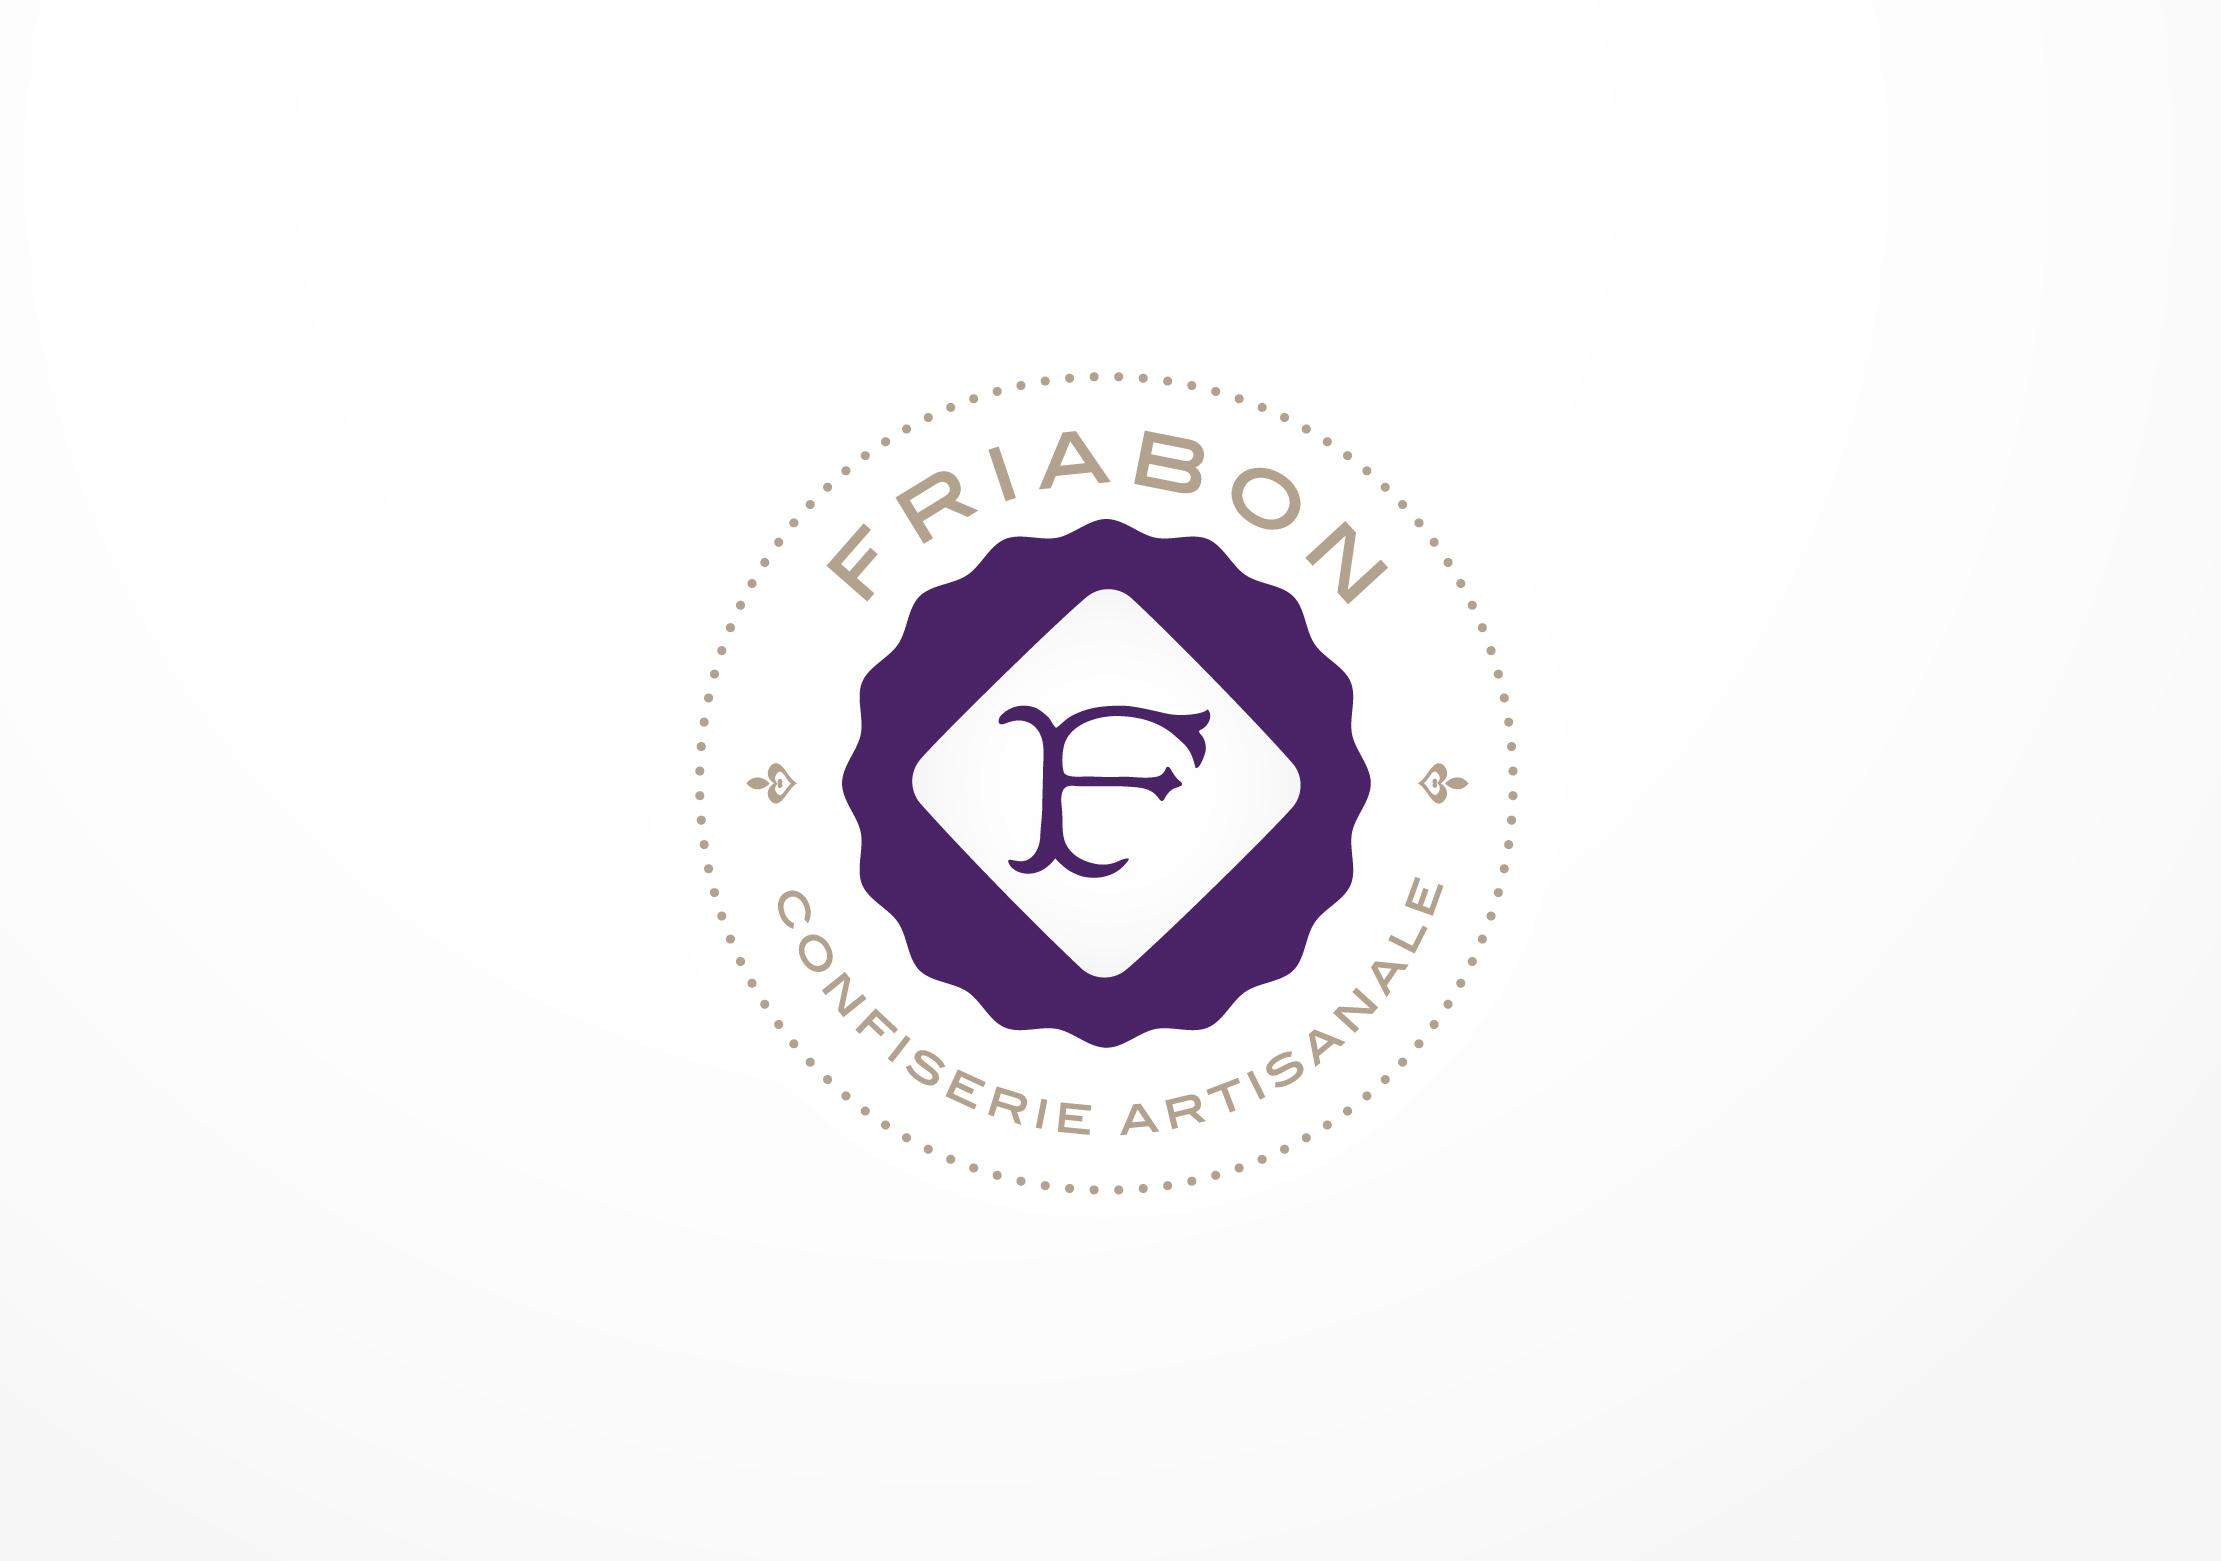 friabon